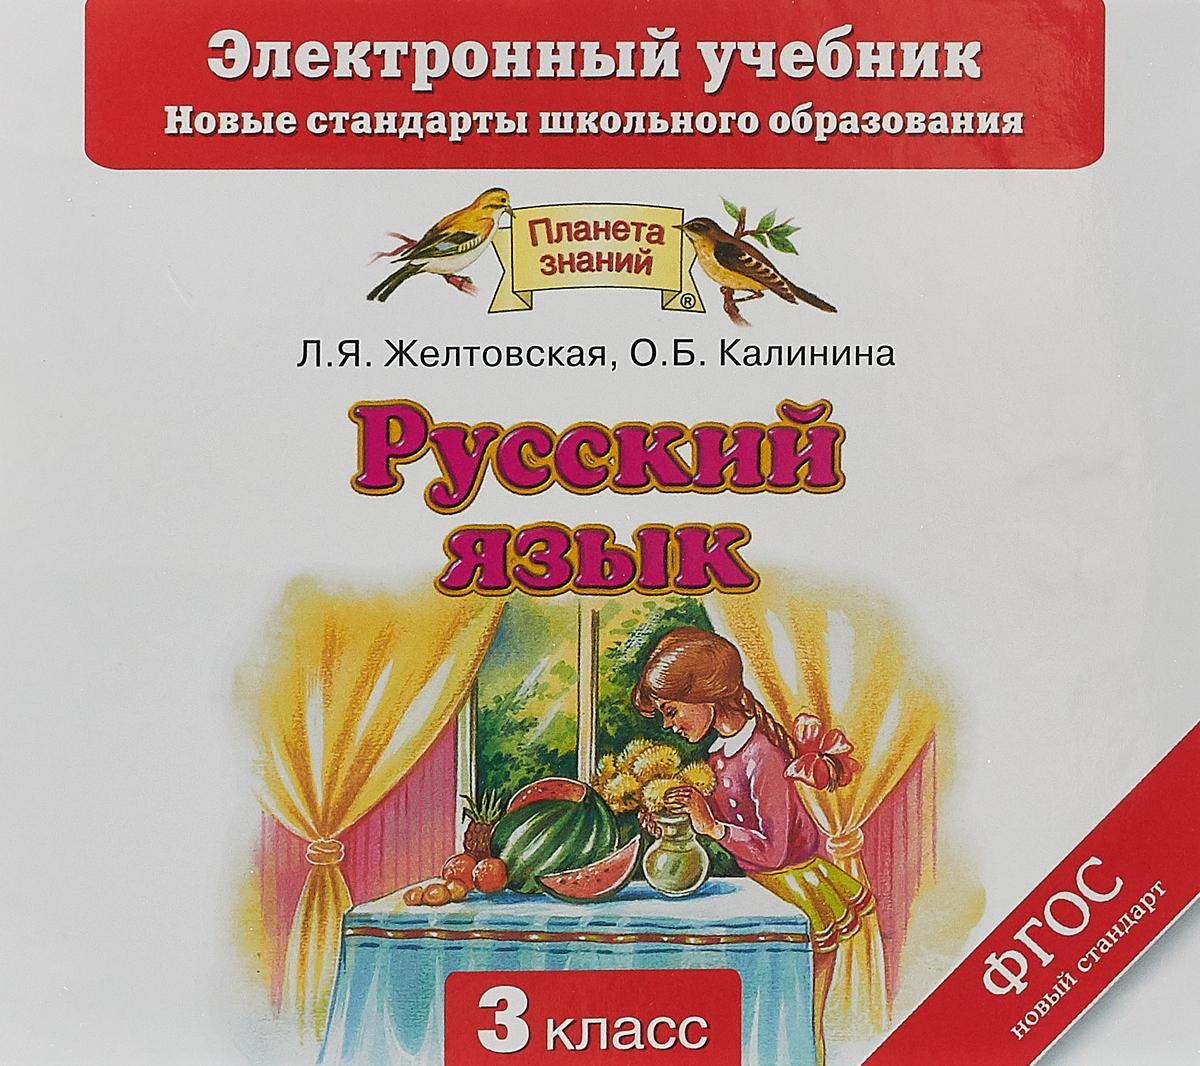 Л. Я. Желтовская, О. Б. Калинина Русский язык. 3 класс. Электронный учебник (CD)